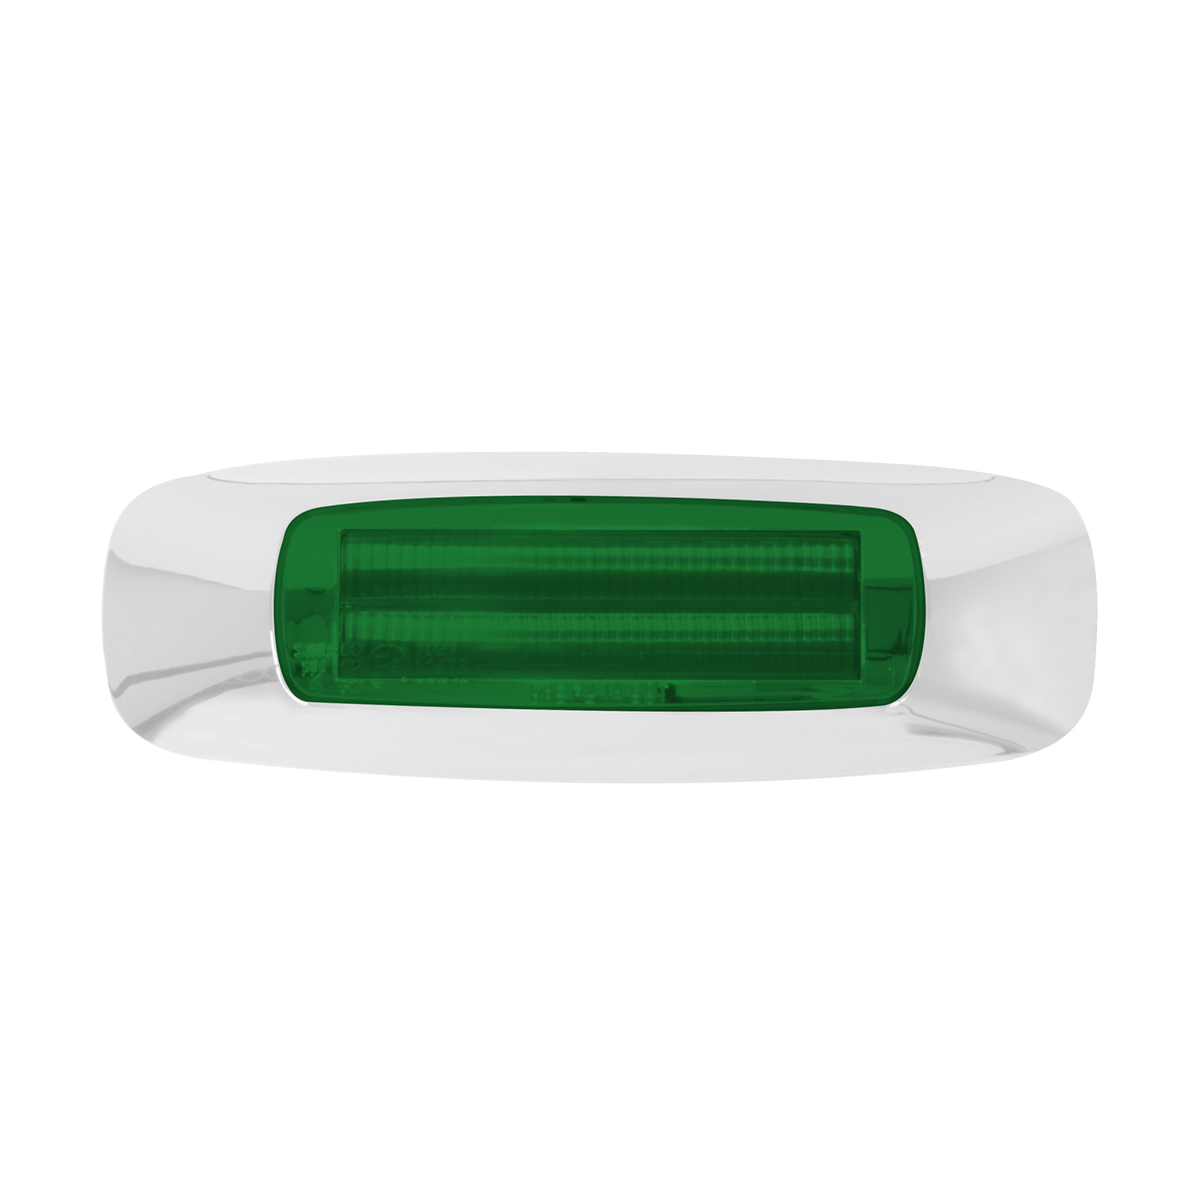 """74836 4-5/8"""" Rectangular Prime LED Marker Light in Green/Green"""